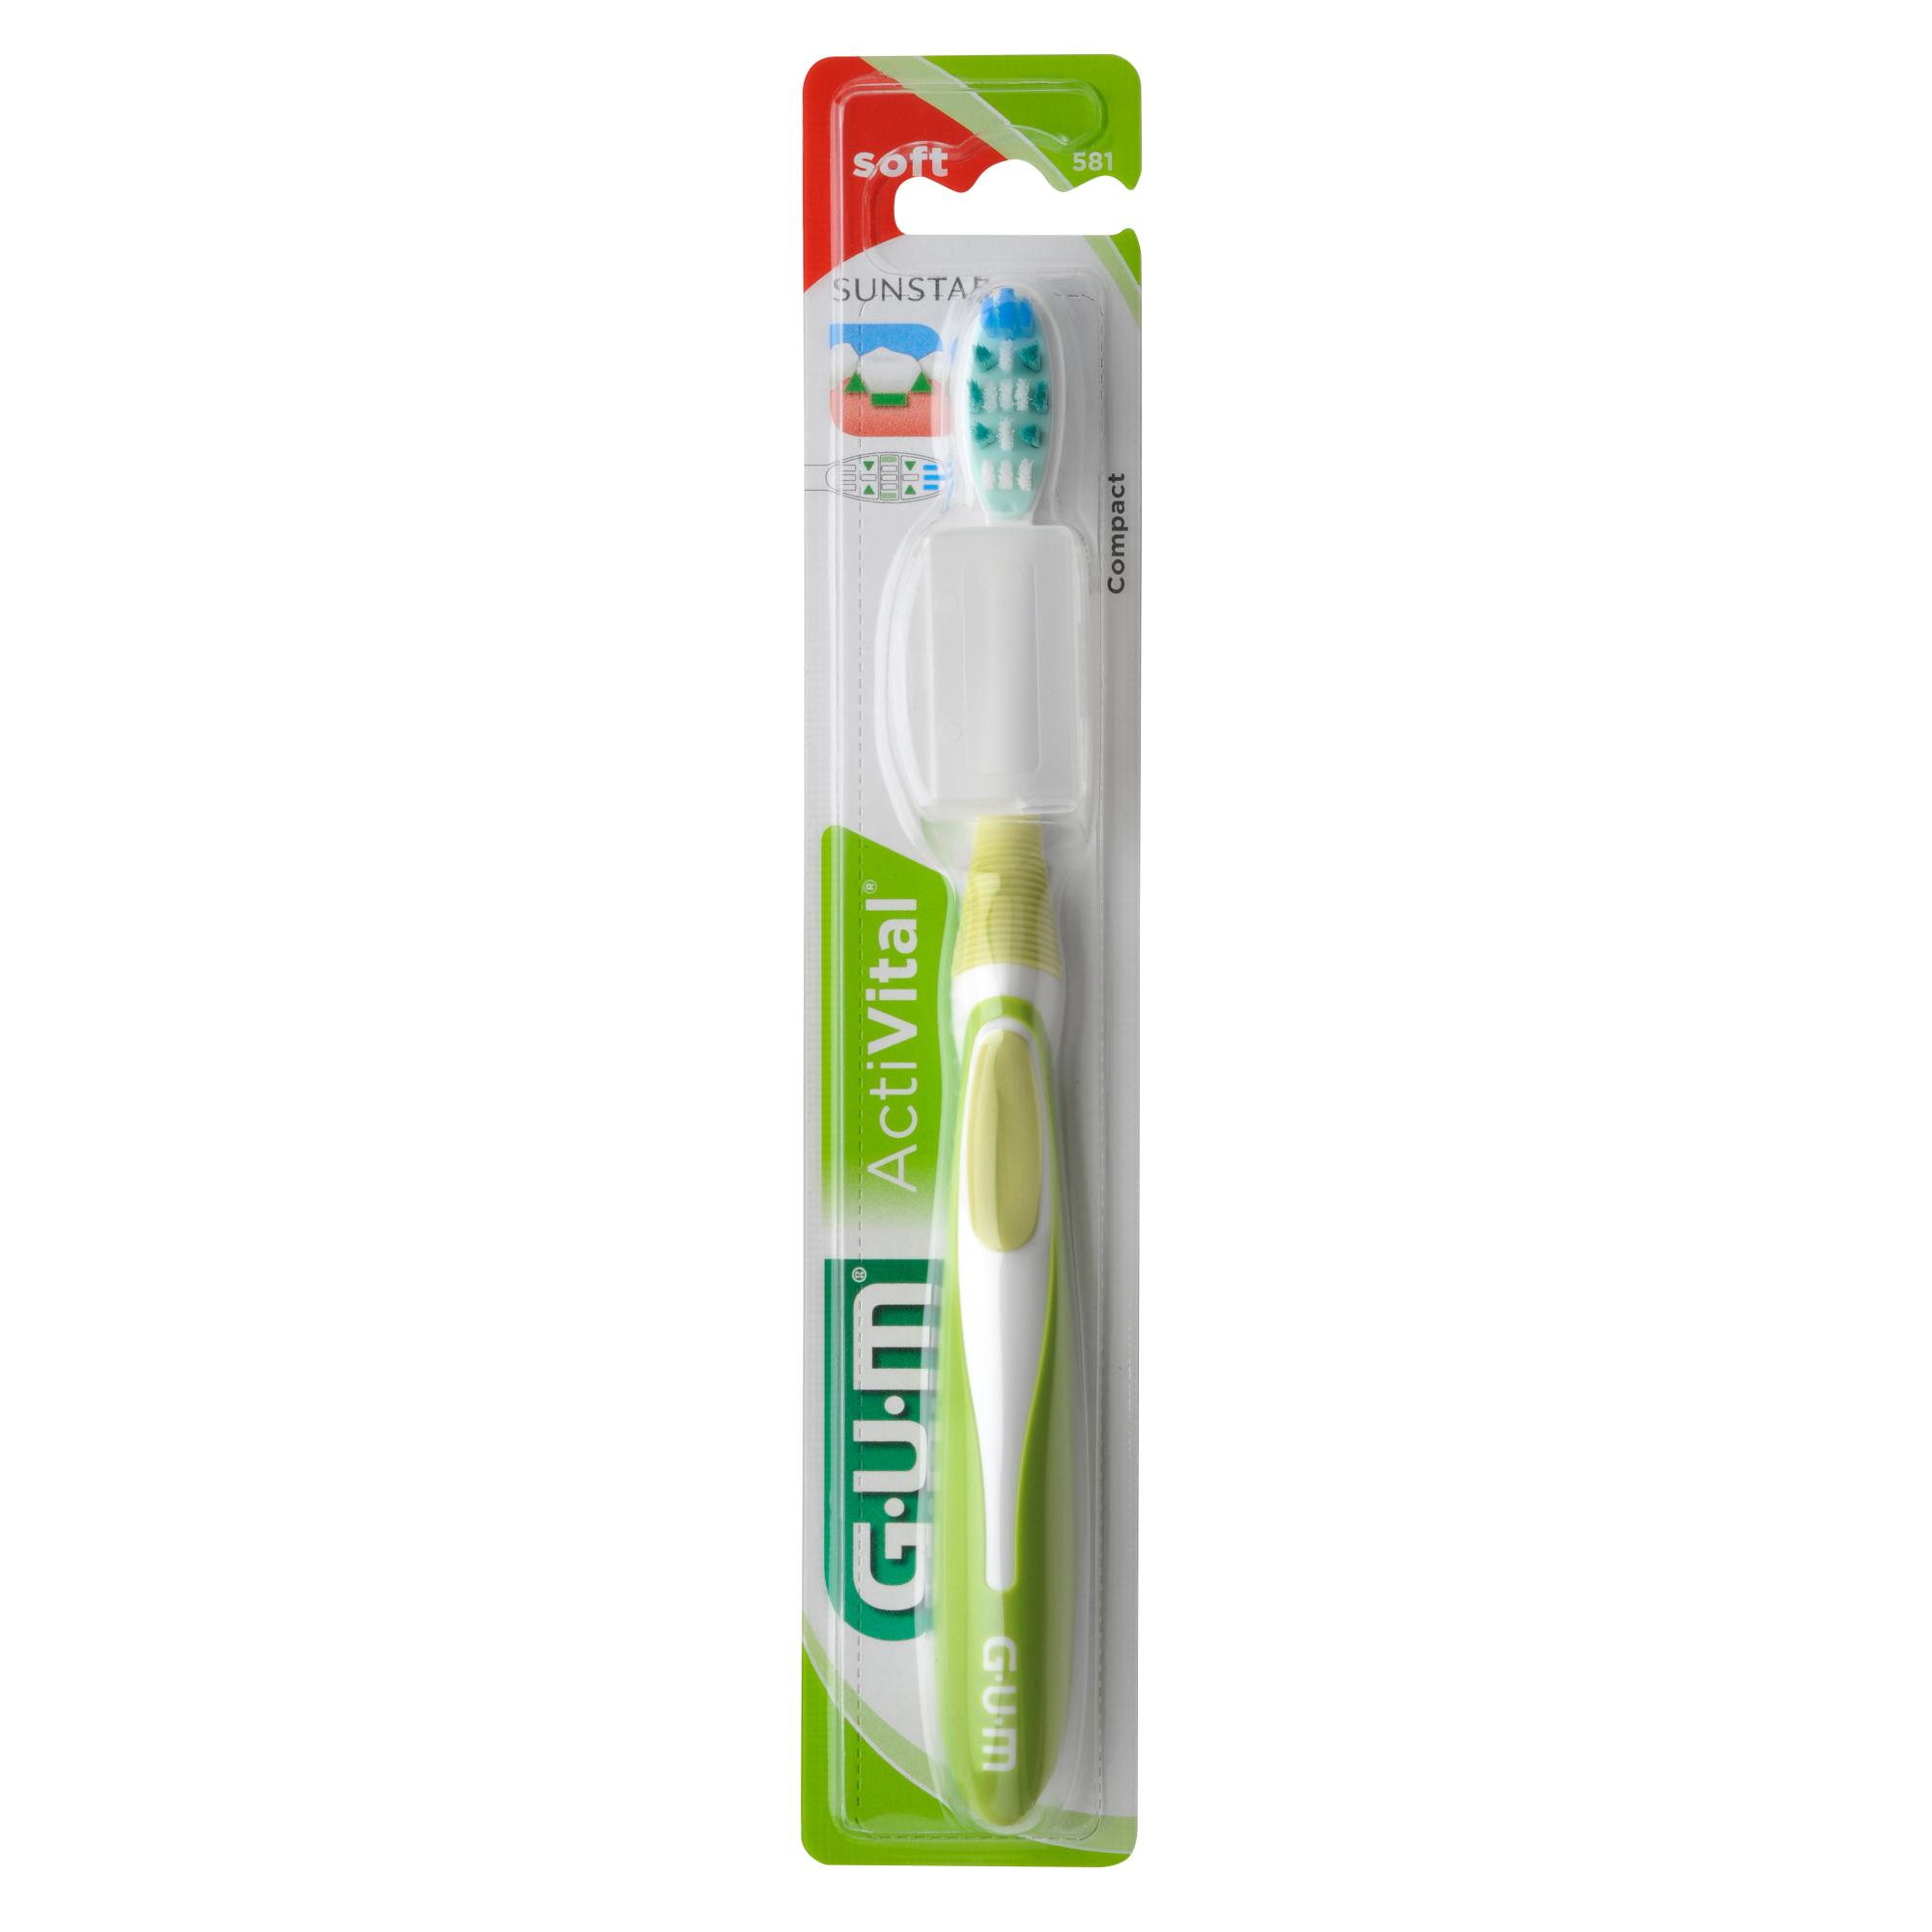 Gum ActiVital Compact Soft Οδοντόβουρτσα με Θήκη Προστασίας (581) – πράσινο